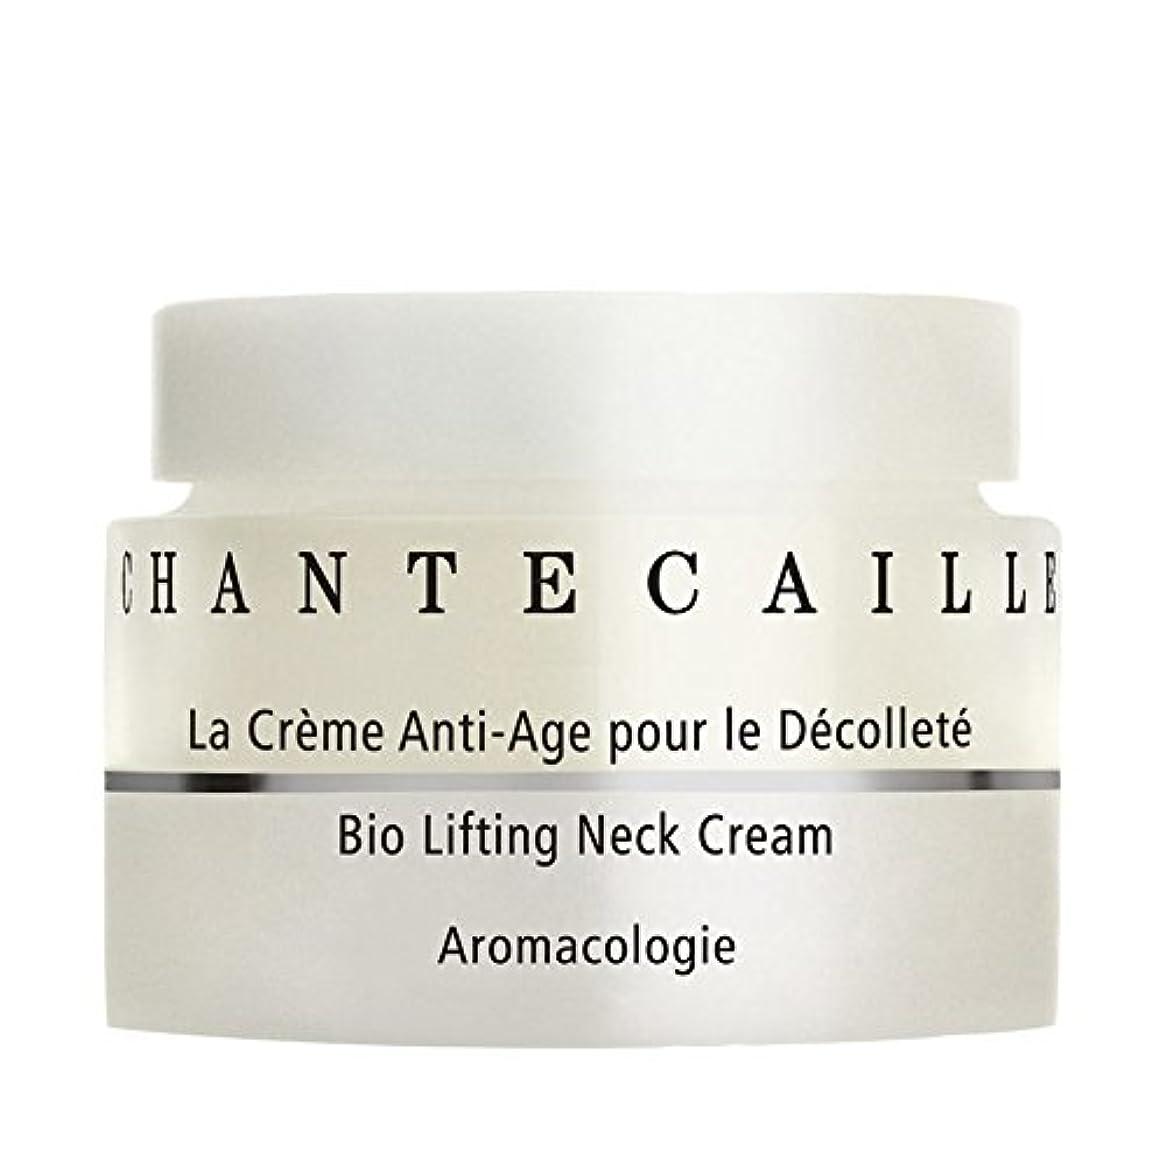 実り多い所持追記シャンテカイユバイオダイナミックリフティングネッククリーム、シャンテカイユ x2 - Chantecaille Biodynamic Lifting Neck Cream, Chantecaille (Pack of 2...